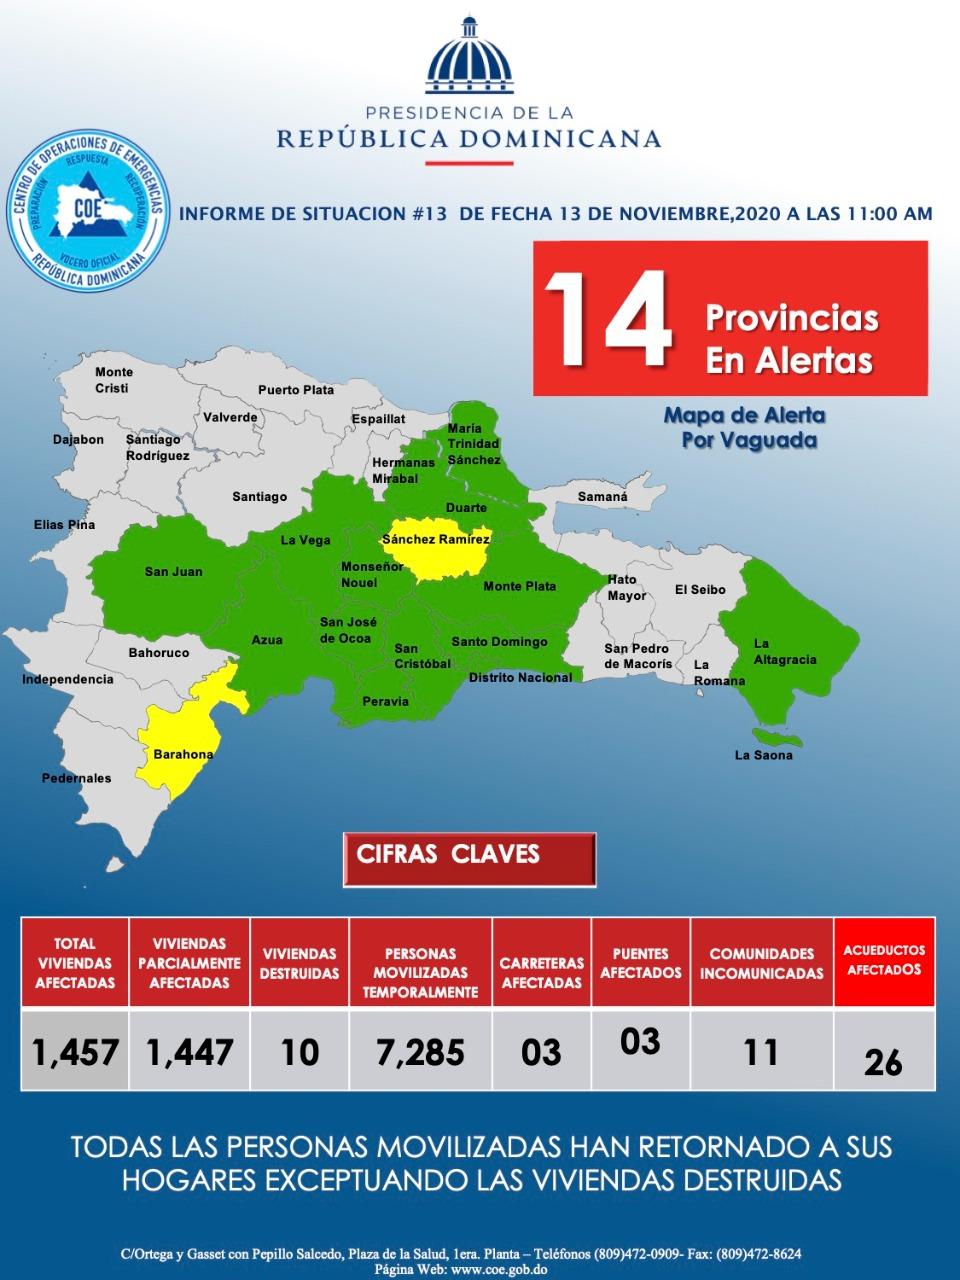 COE reduce a 14 las provincias bajo alerta